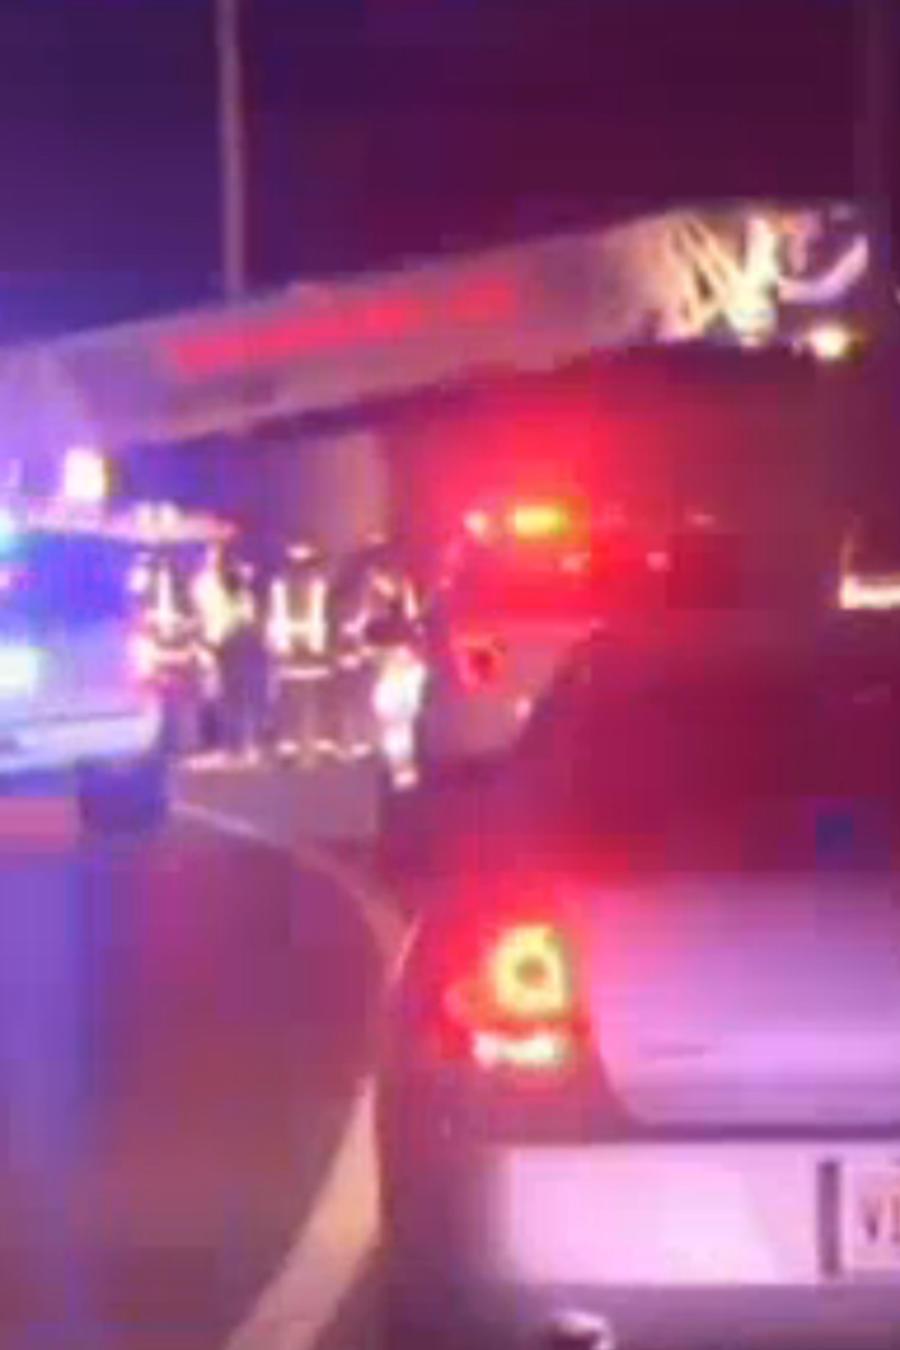 Padre suicida salta de puente con hijos en brazos